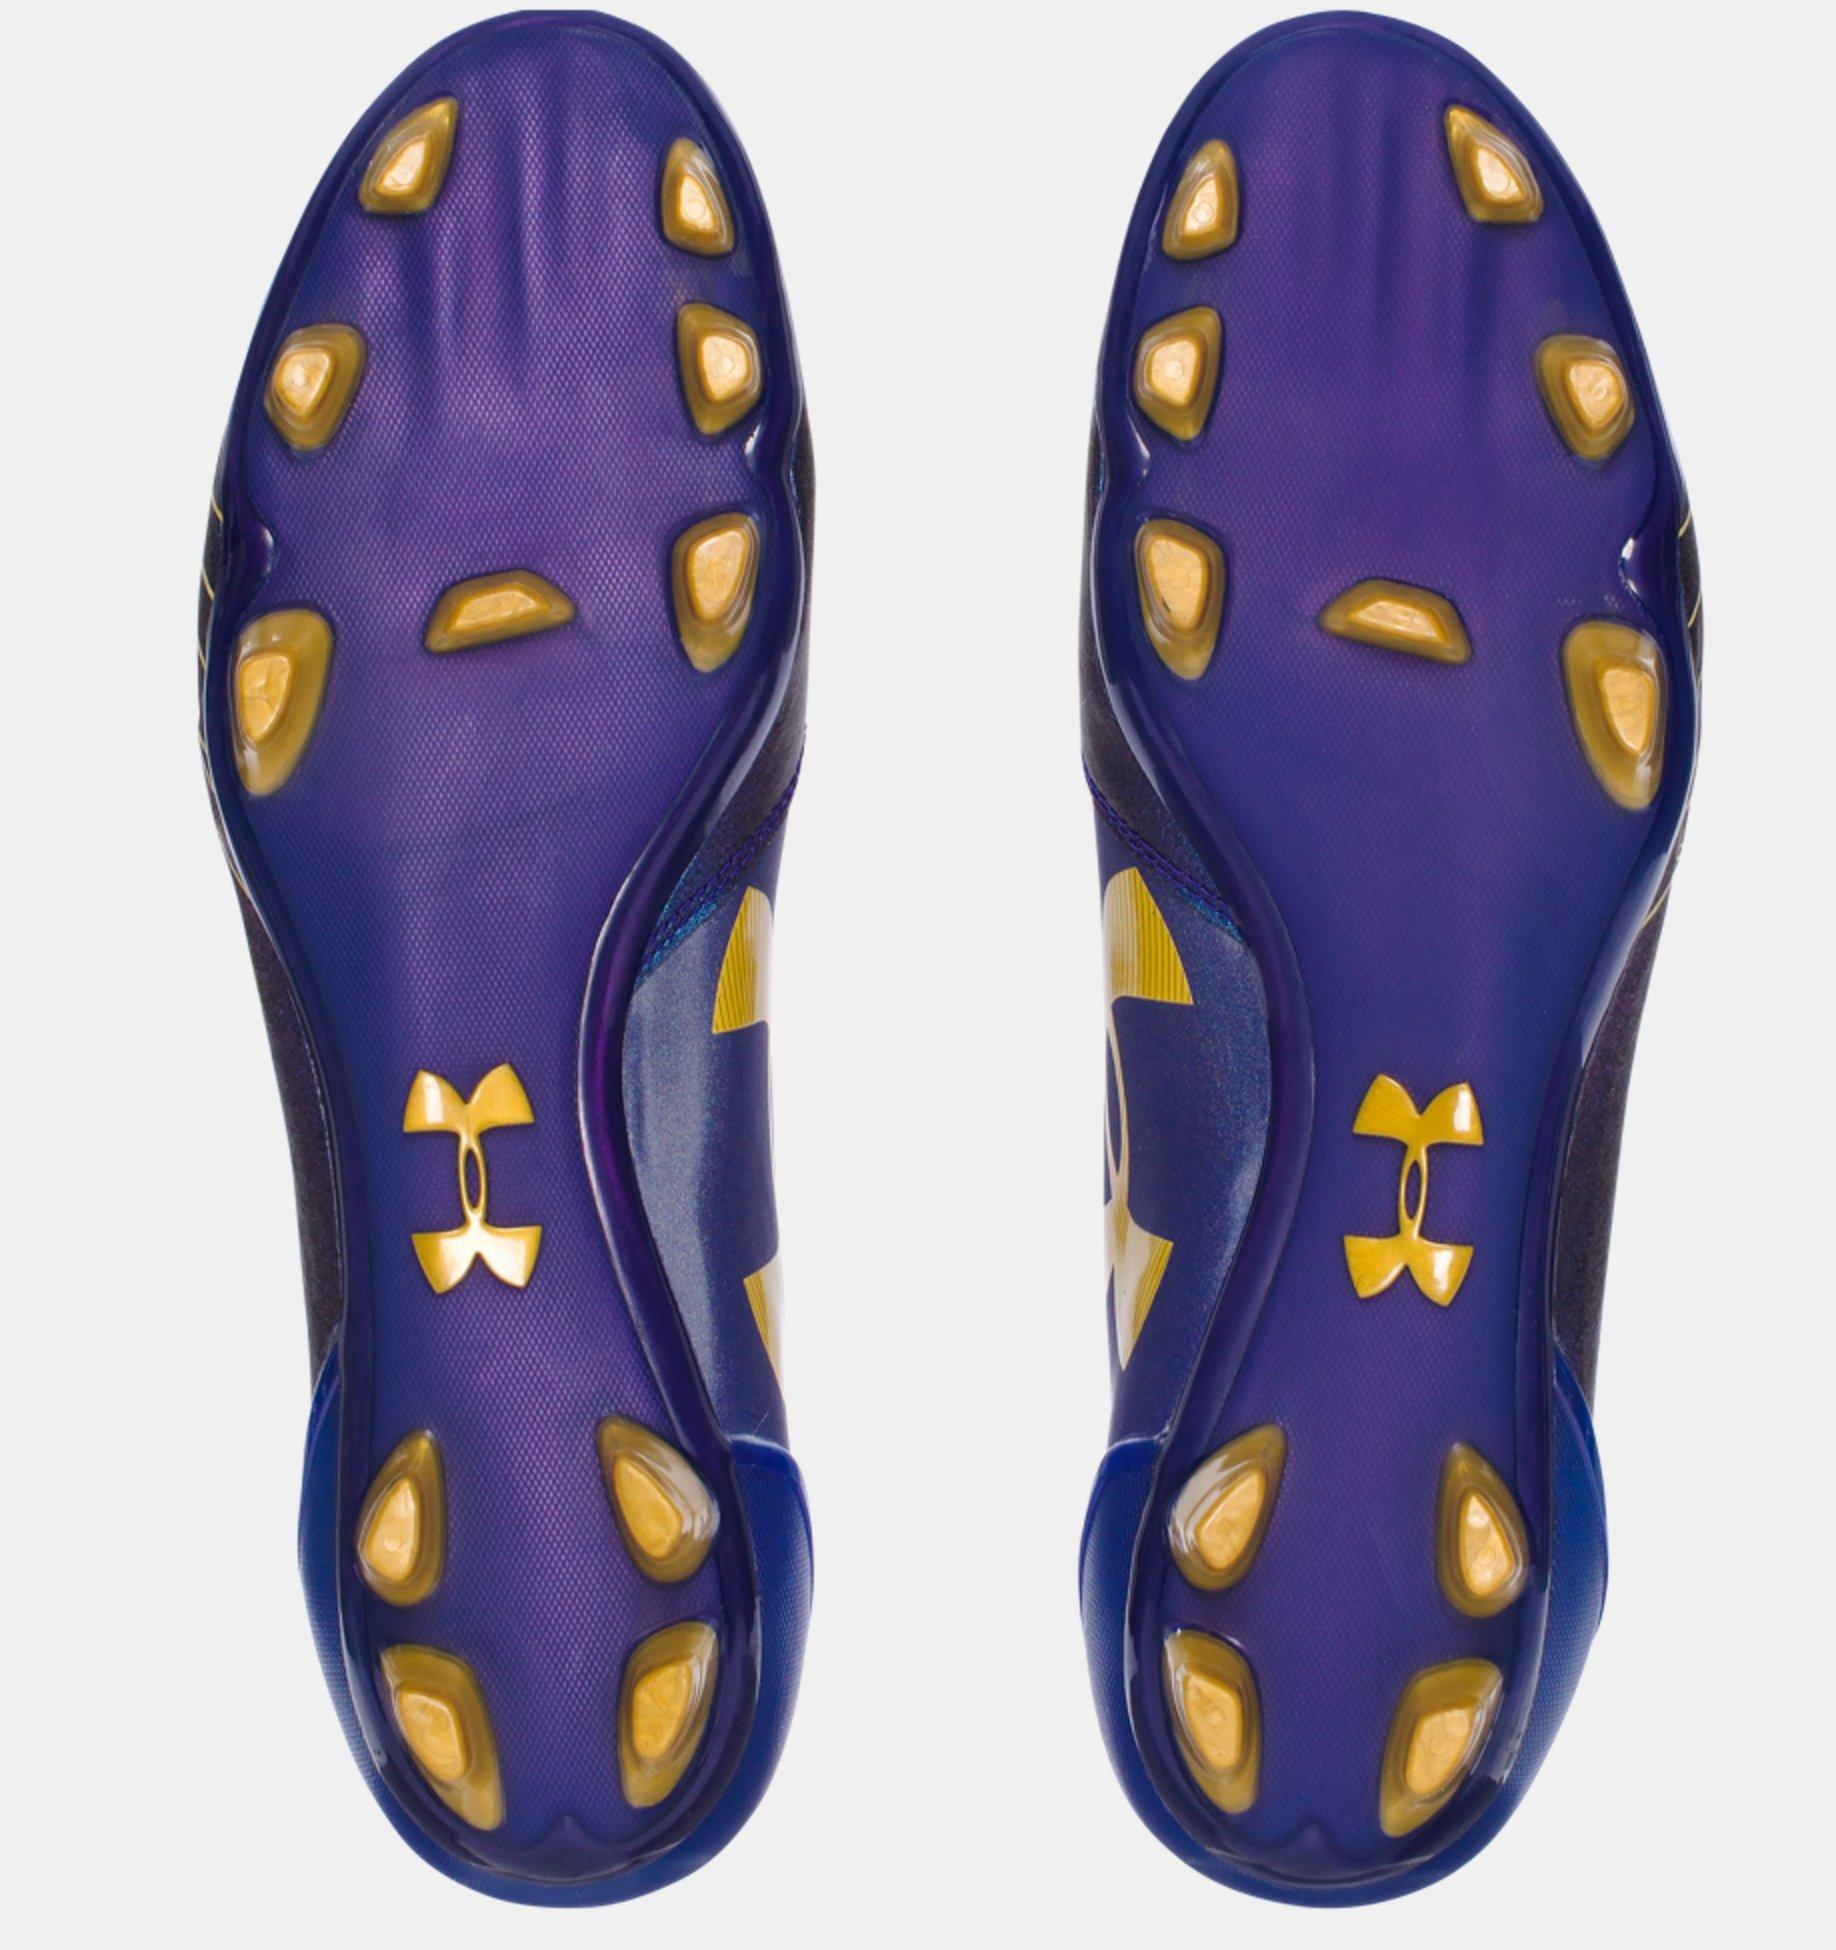 748df26b9 ... Men s UA Spotlight FG Football Boots – Limited Edition